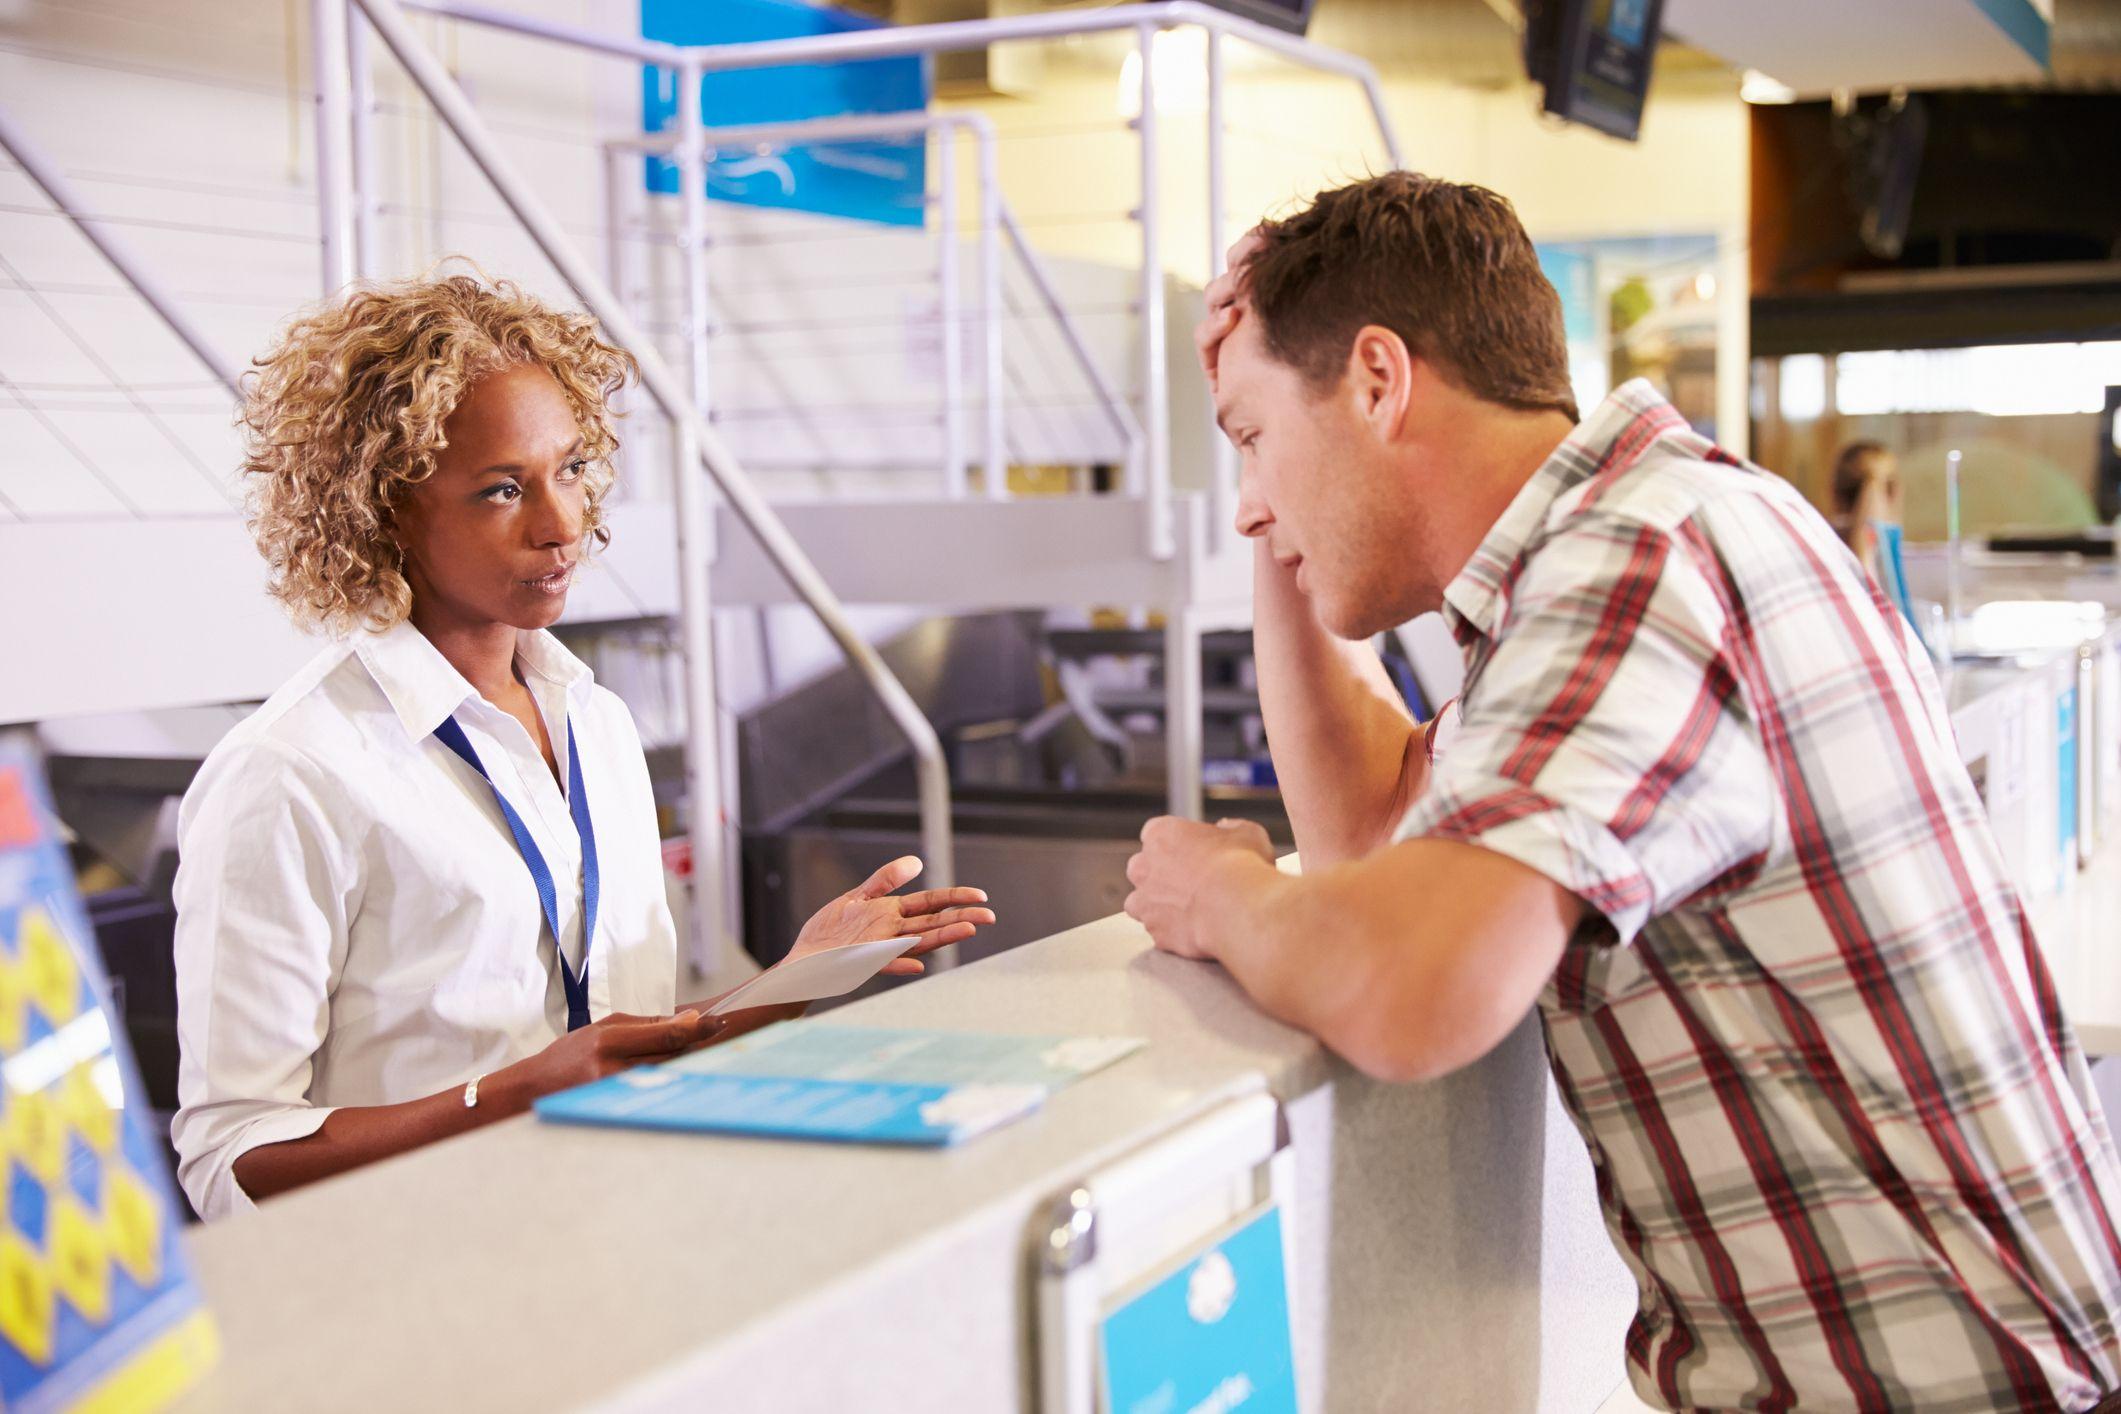 Todo pasajero aéreo tiene derecho a indemnización cuando se haya sufrido un retraso o una cancelación en su vuelo.